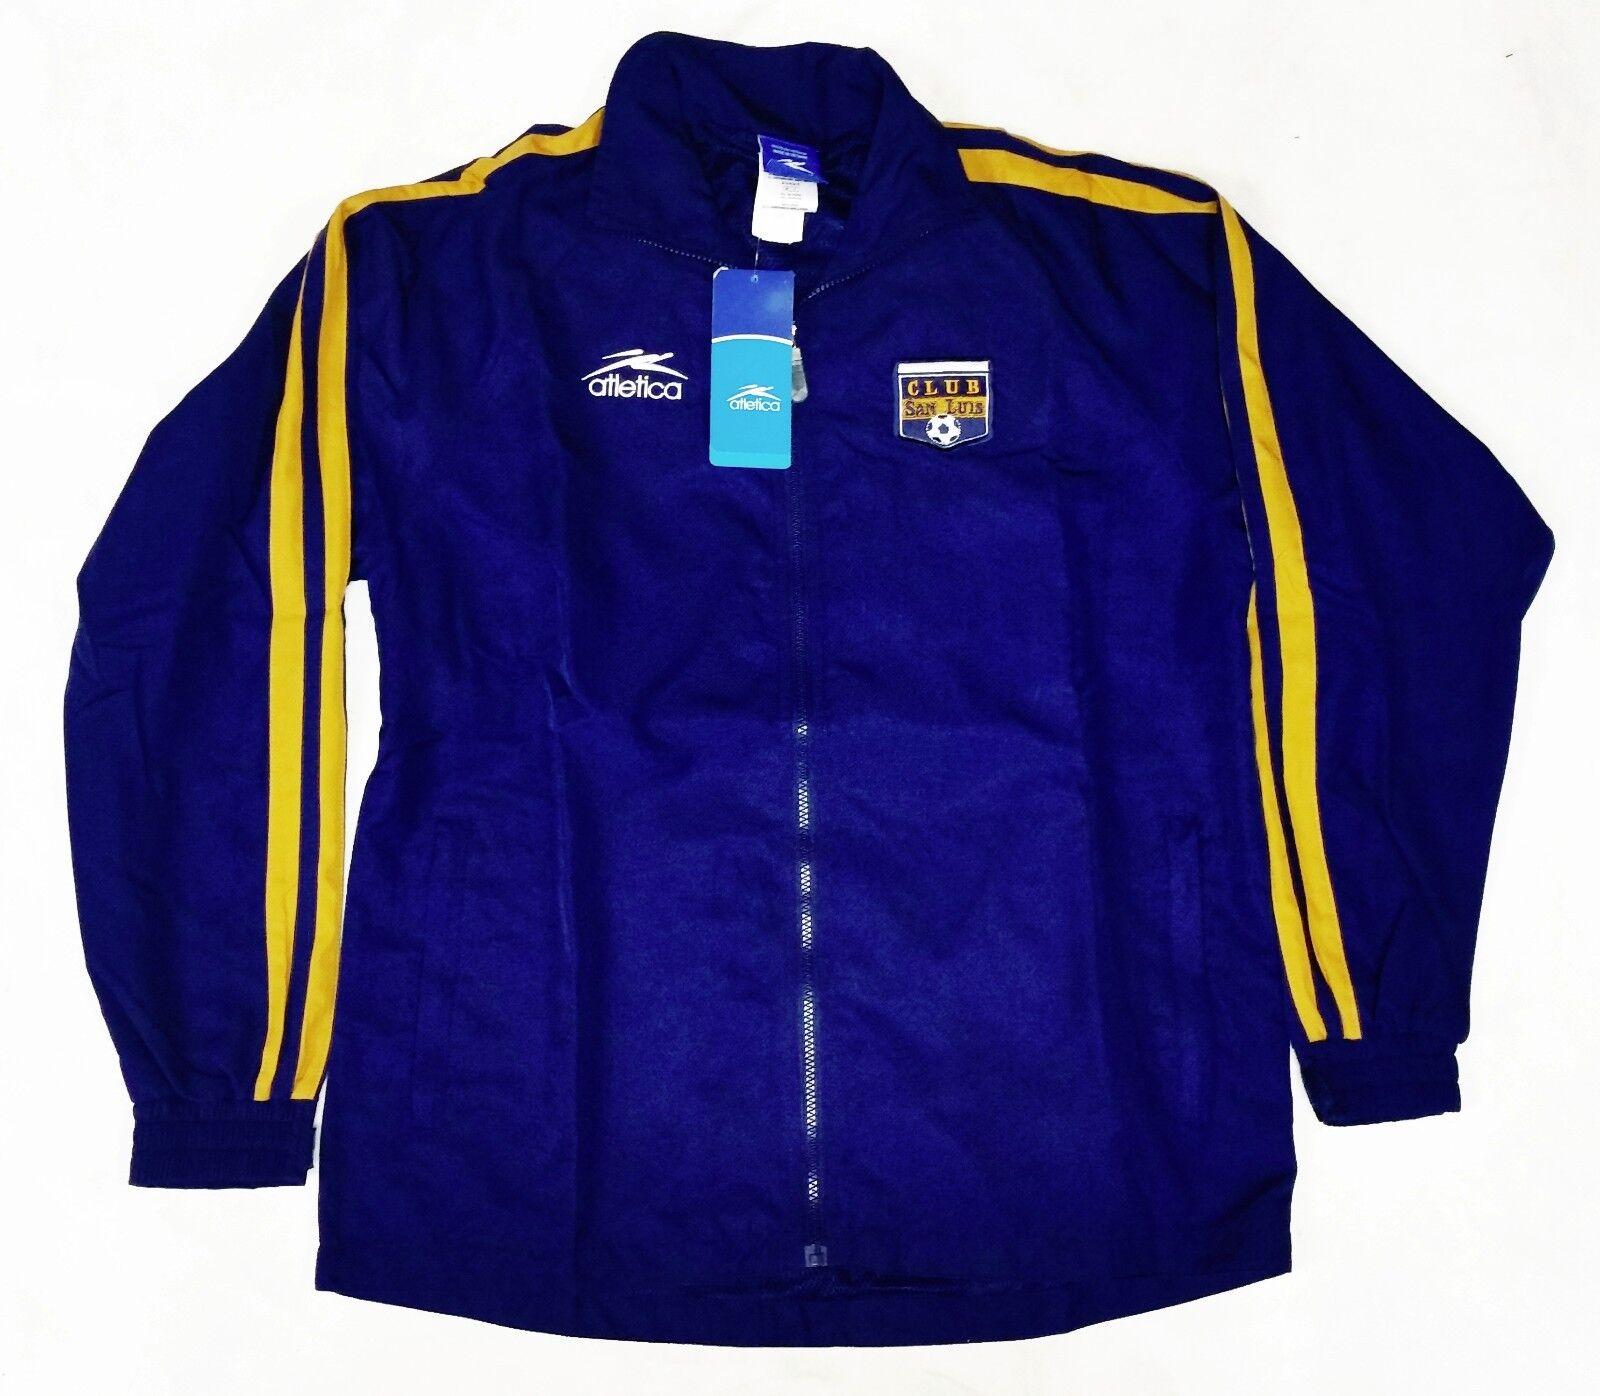 Club San Luis oficial de viaje Suite Pantalones Atletica (chaqueta y pantalones) cremallera nuevo con etiquetas